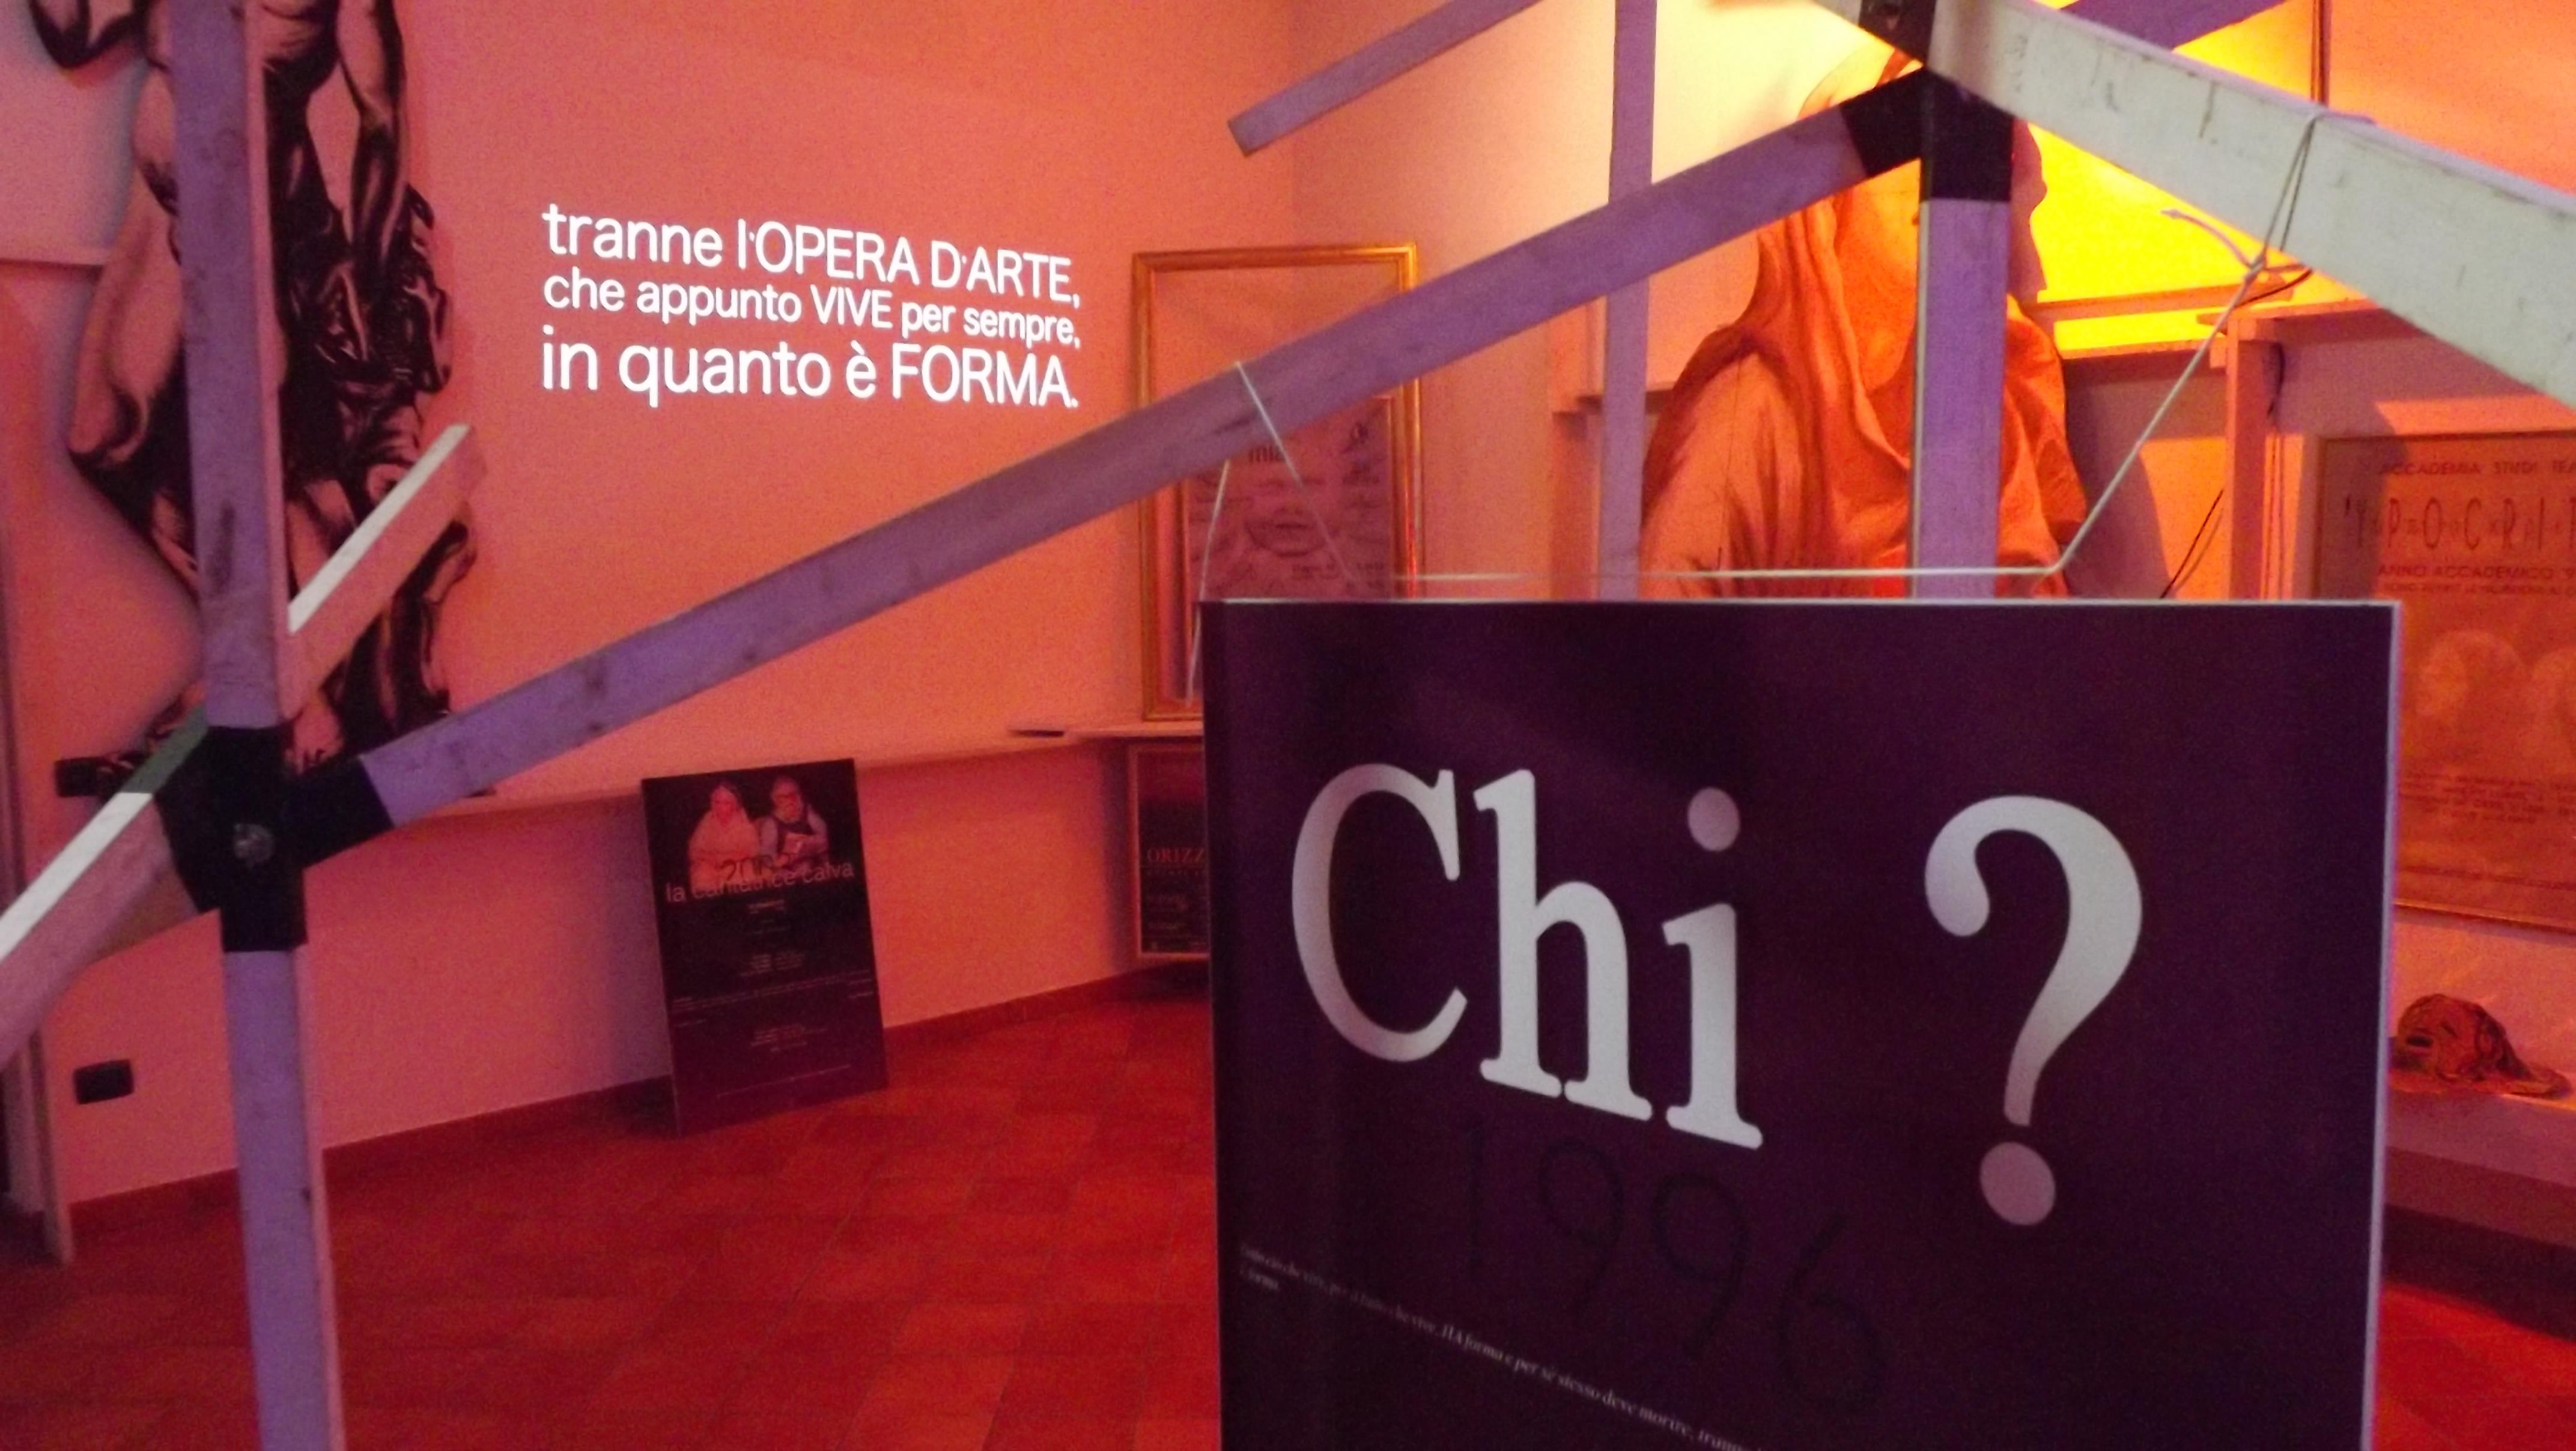 Salerno: L U S T R ITEATRO , fine settimana dedicato alla mostra